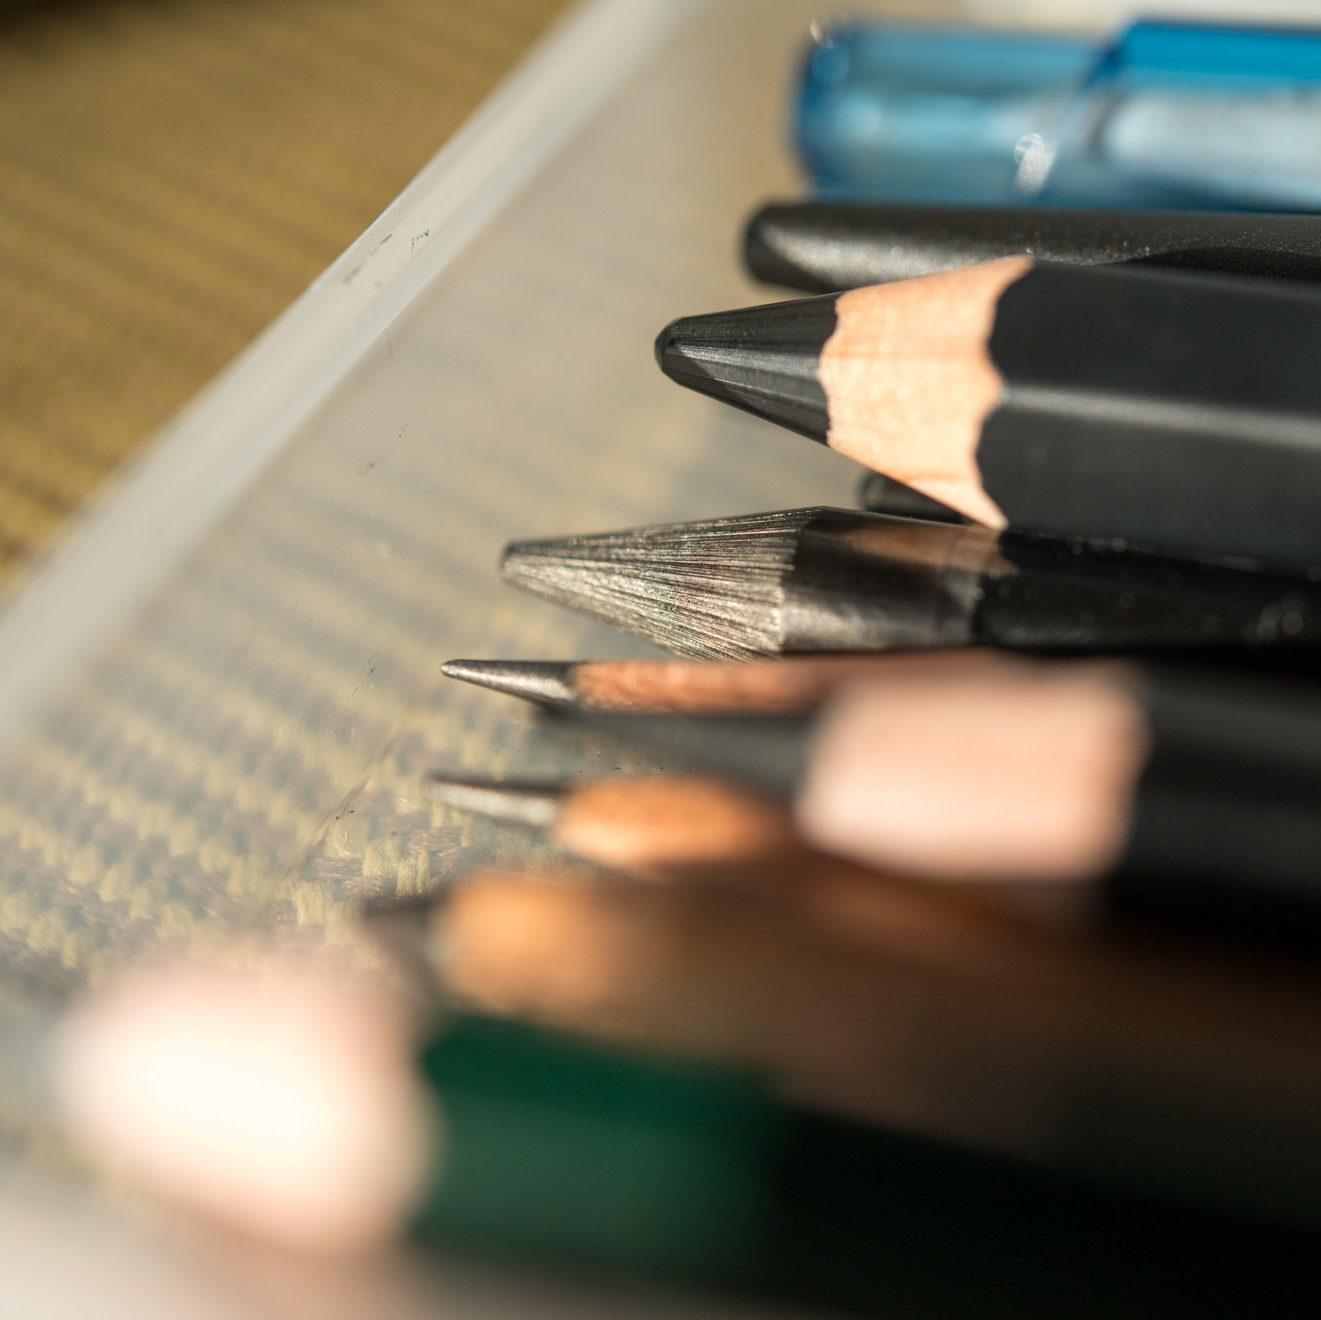 【買ったよ♪】新宿の世界堂で鉛筆とか色鉛筆とかちょこちょこ買ったので、気になったものを軽くレビューする。